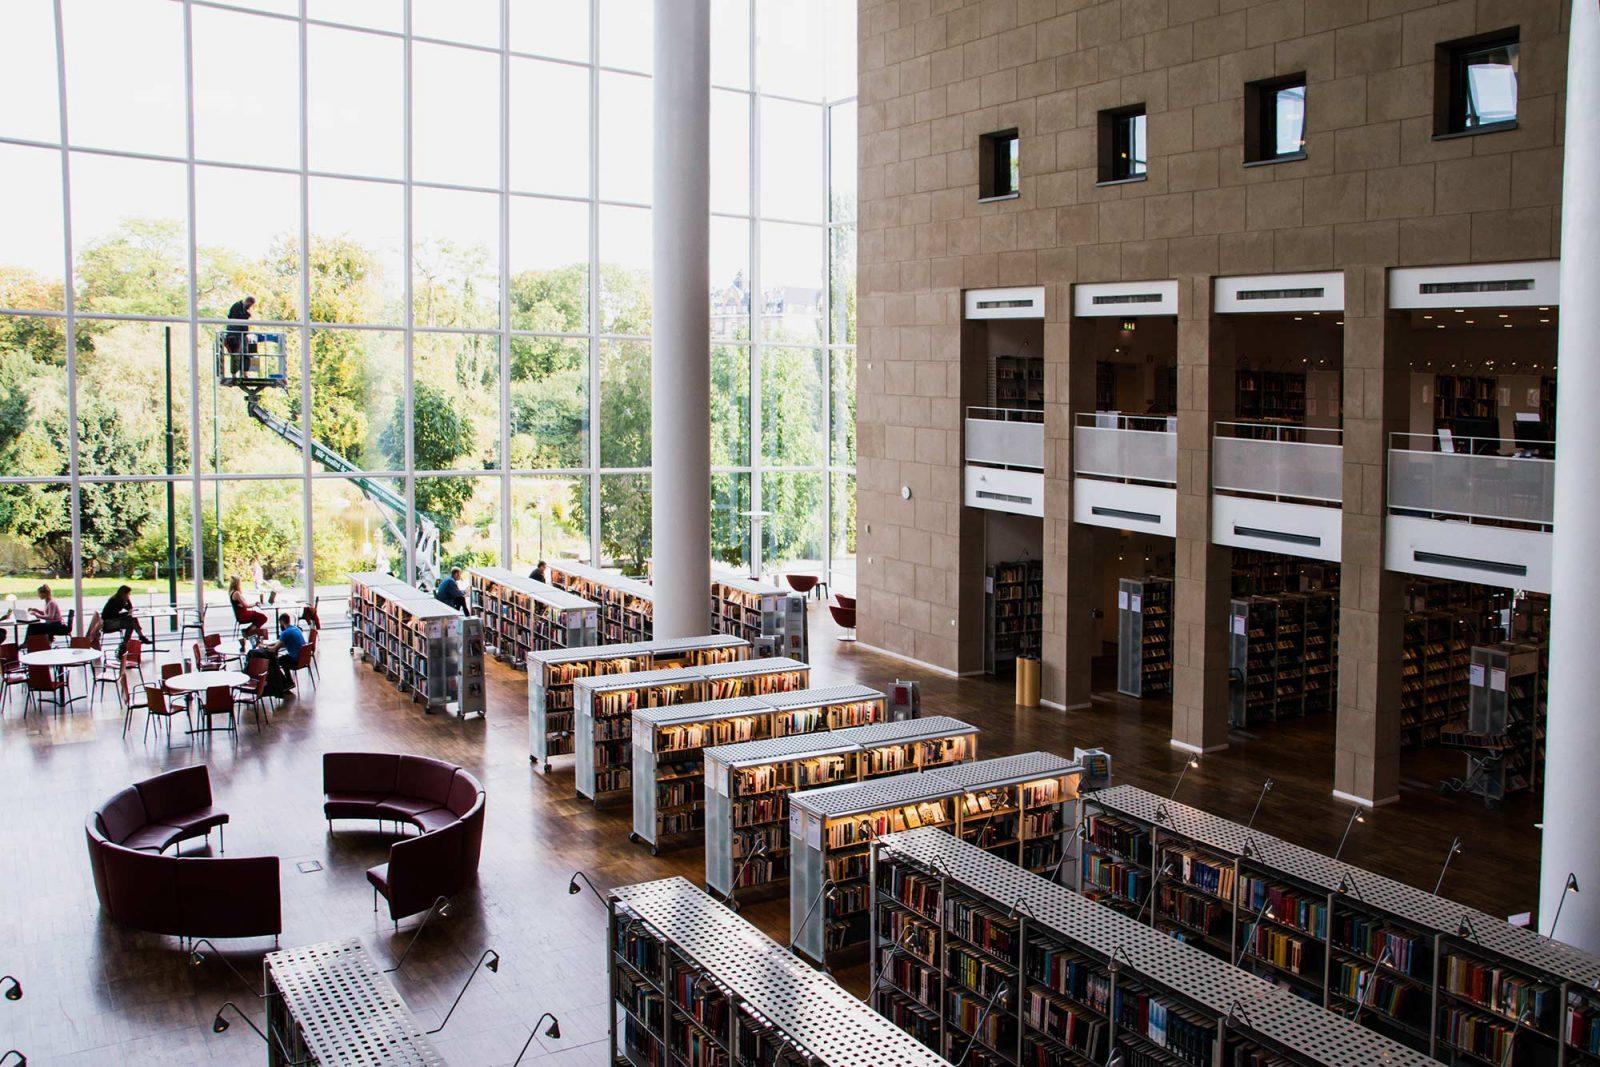 faq sweden  library.1iokrgm7o5ja - Швеция: что нужно знать перед поездкой